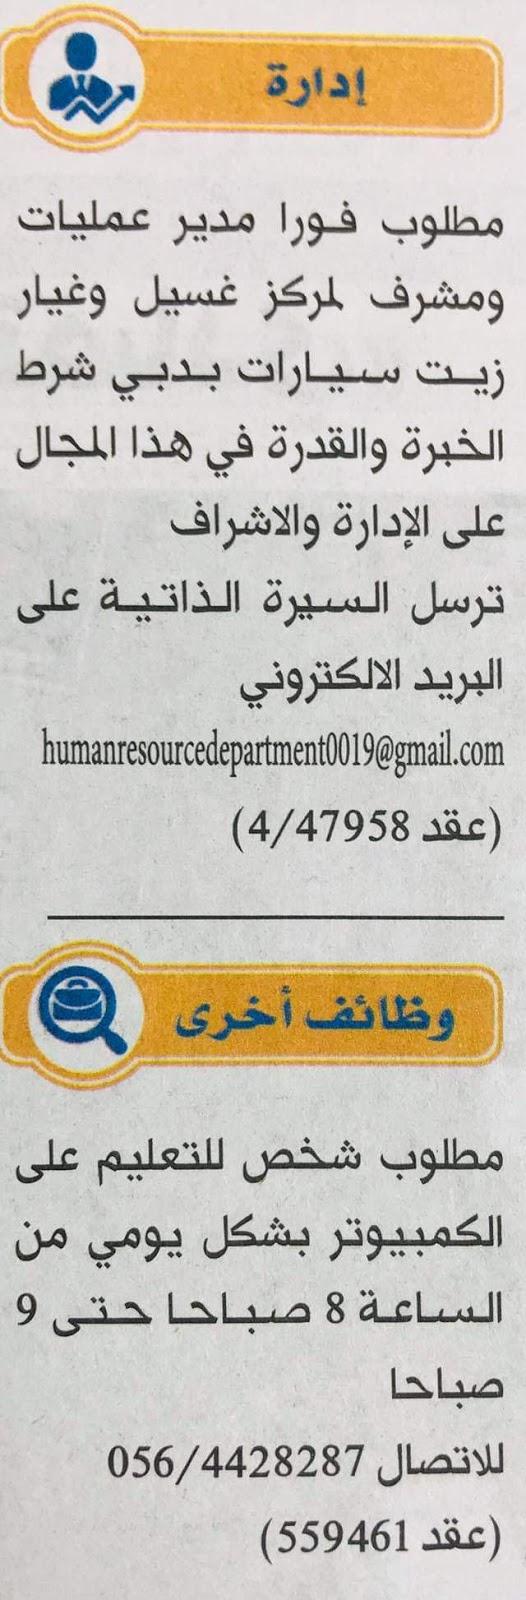 وظائف صحيفة دليل الاتحاد باللغه العربيه